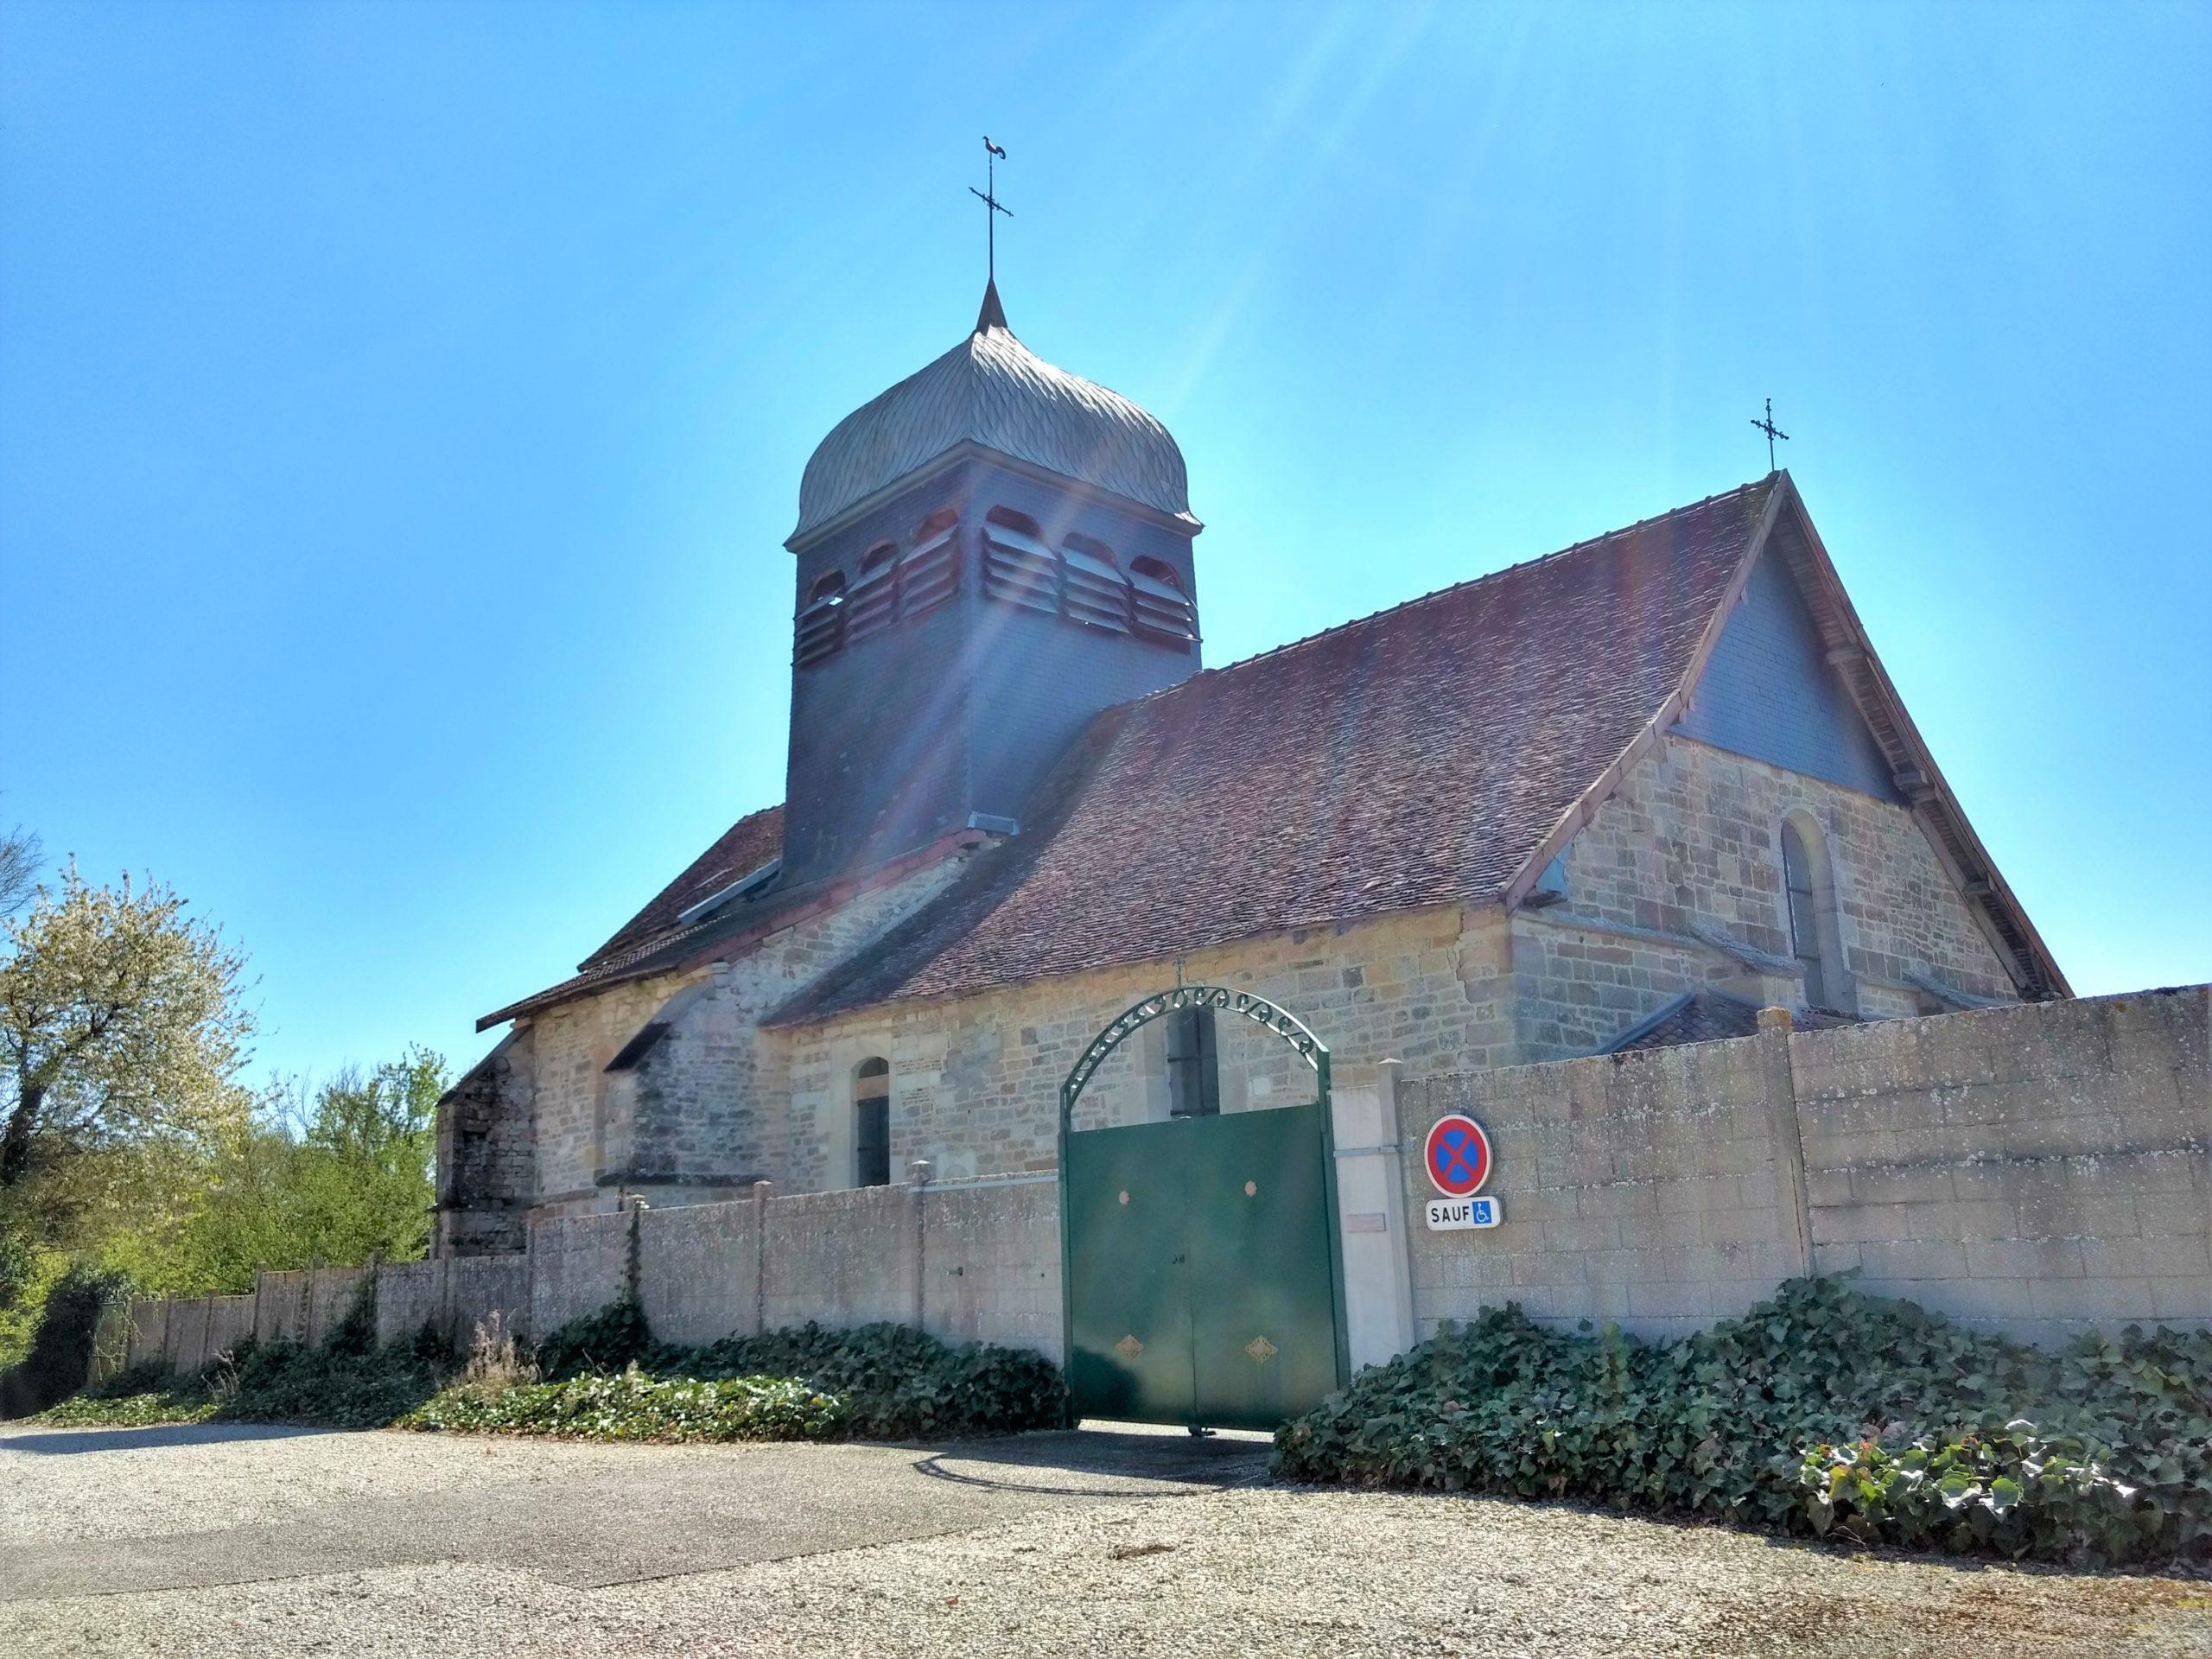 Eglise Saint-Pierre-ès-Liens de Joncreuil